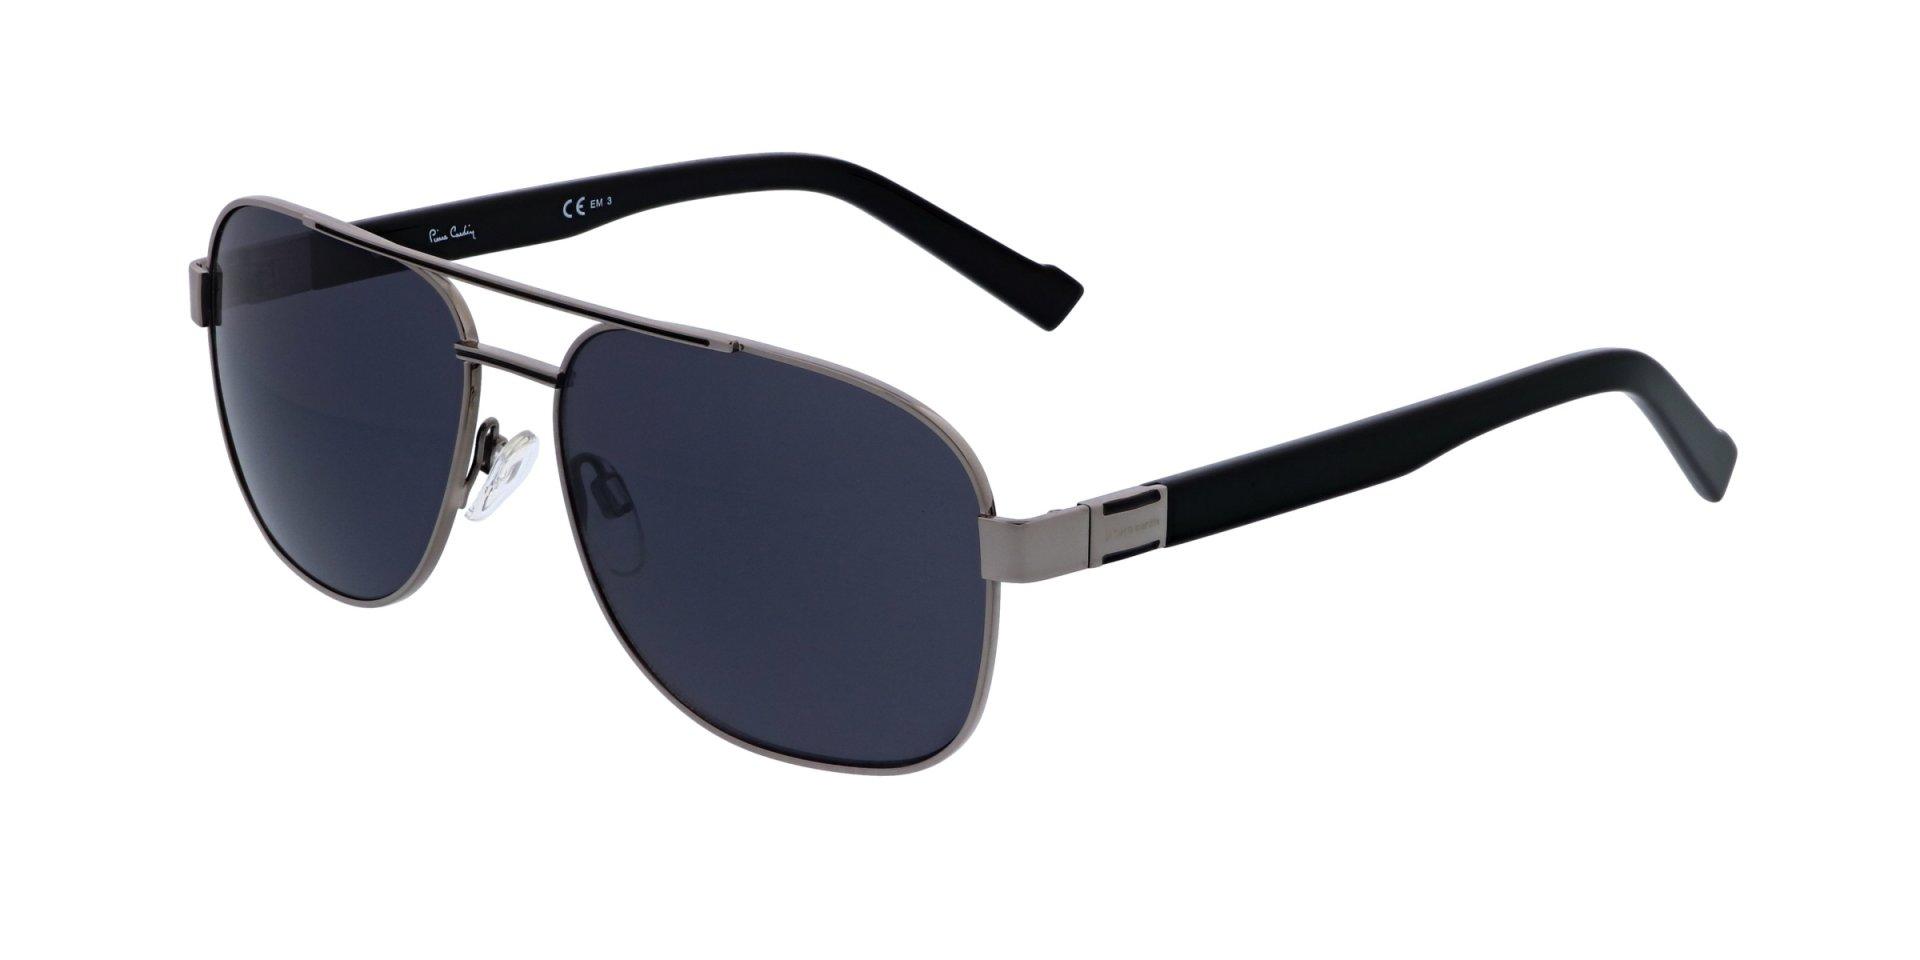 780cd3068a Sunglasses PIERRE CARDIN